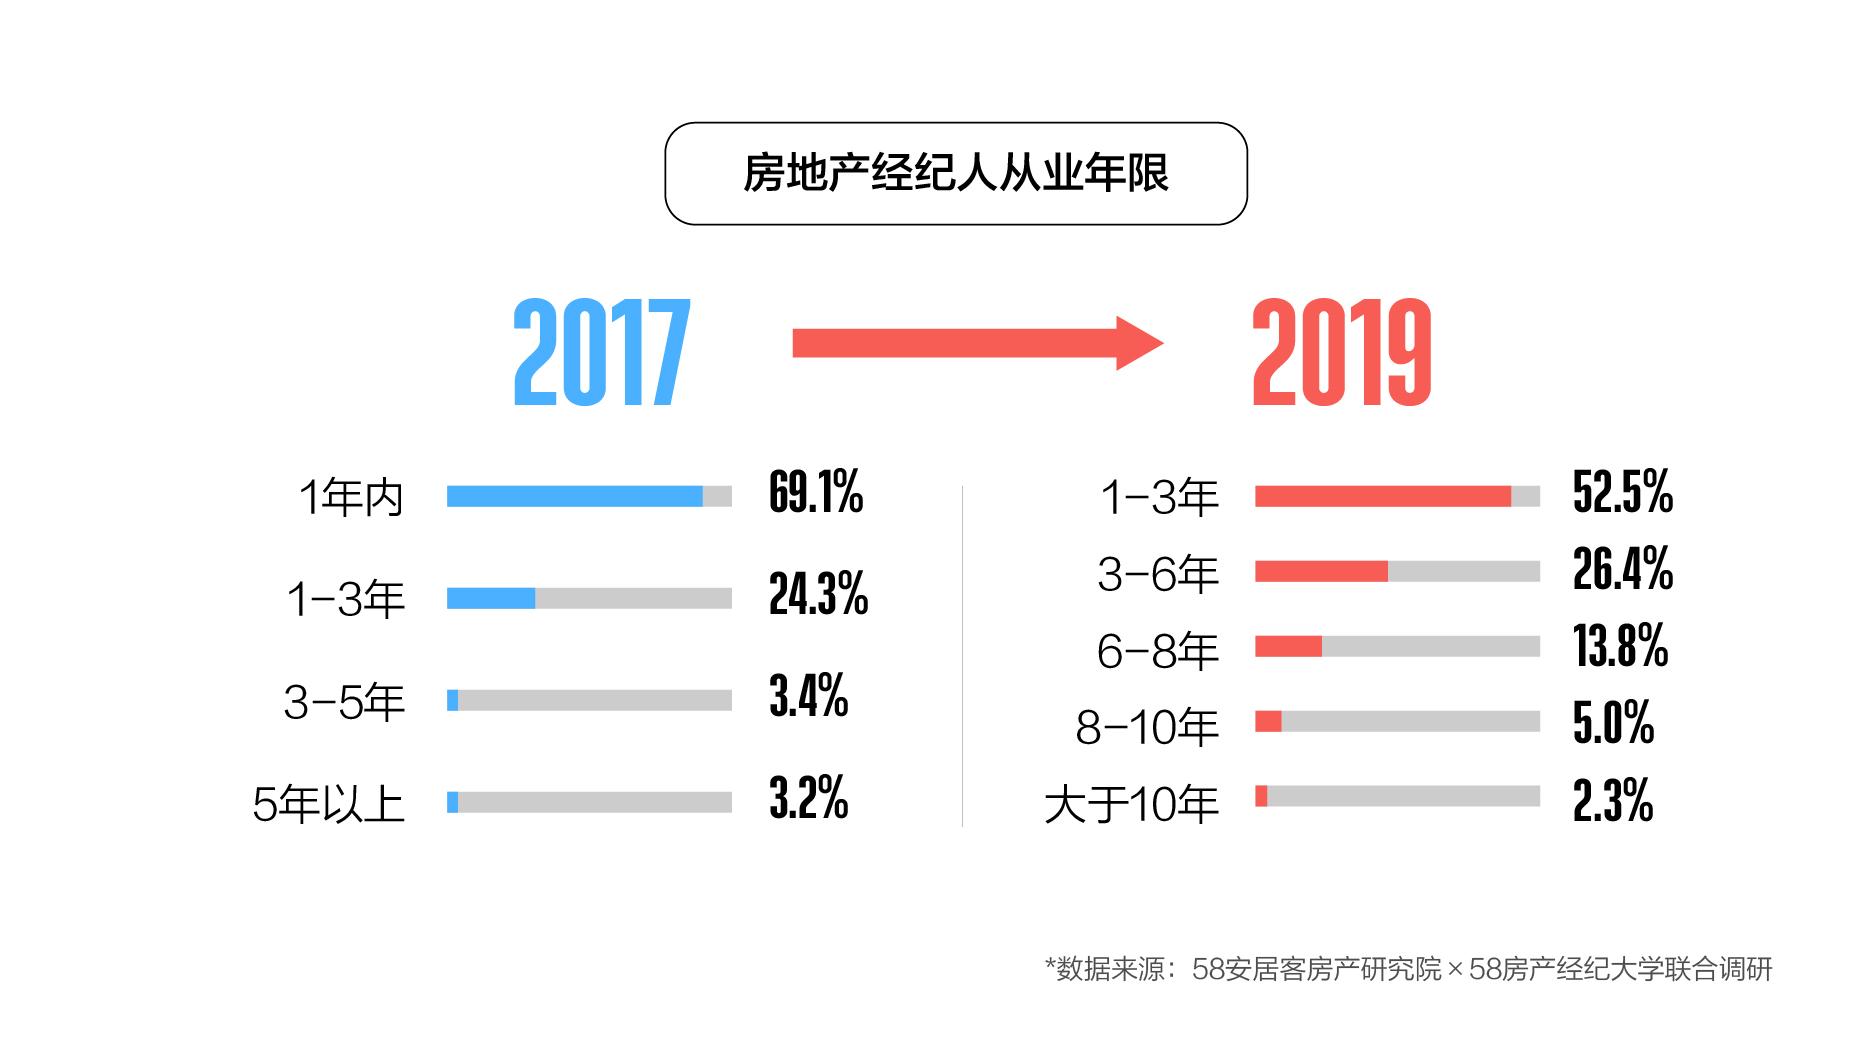 58同城、安居客聚焦房地产经纪人生存现状 寻找房、客资源为其主要工作-中国网地产